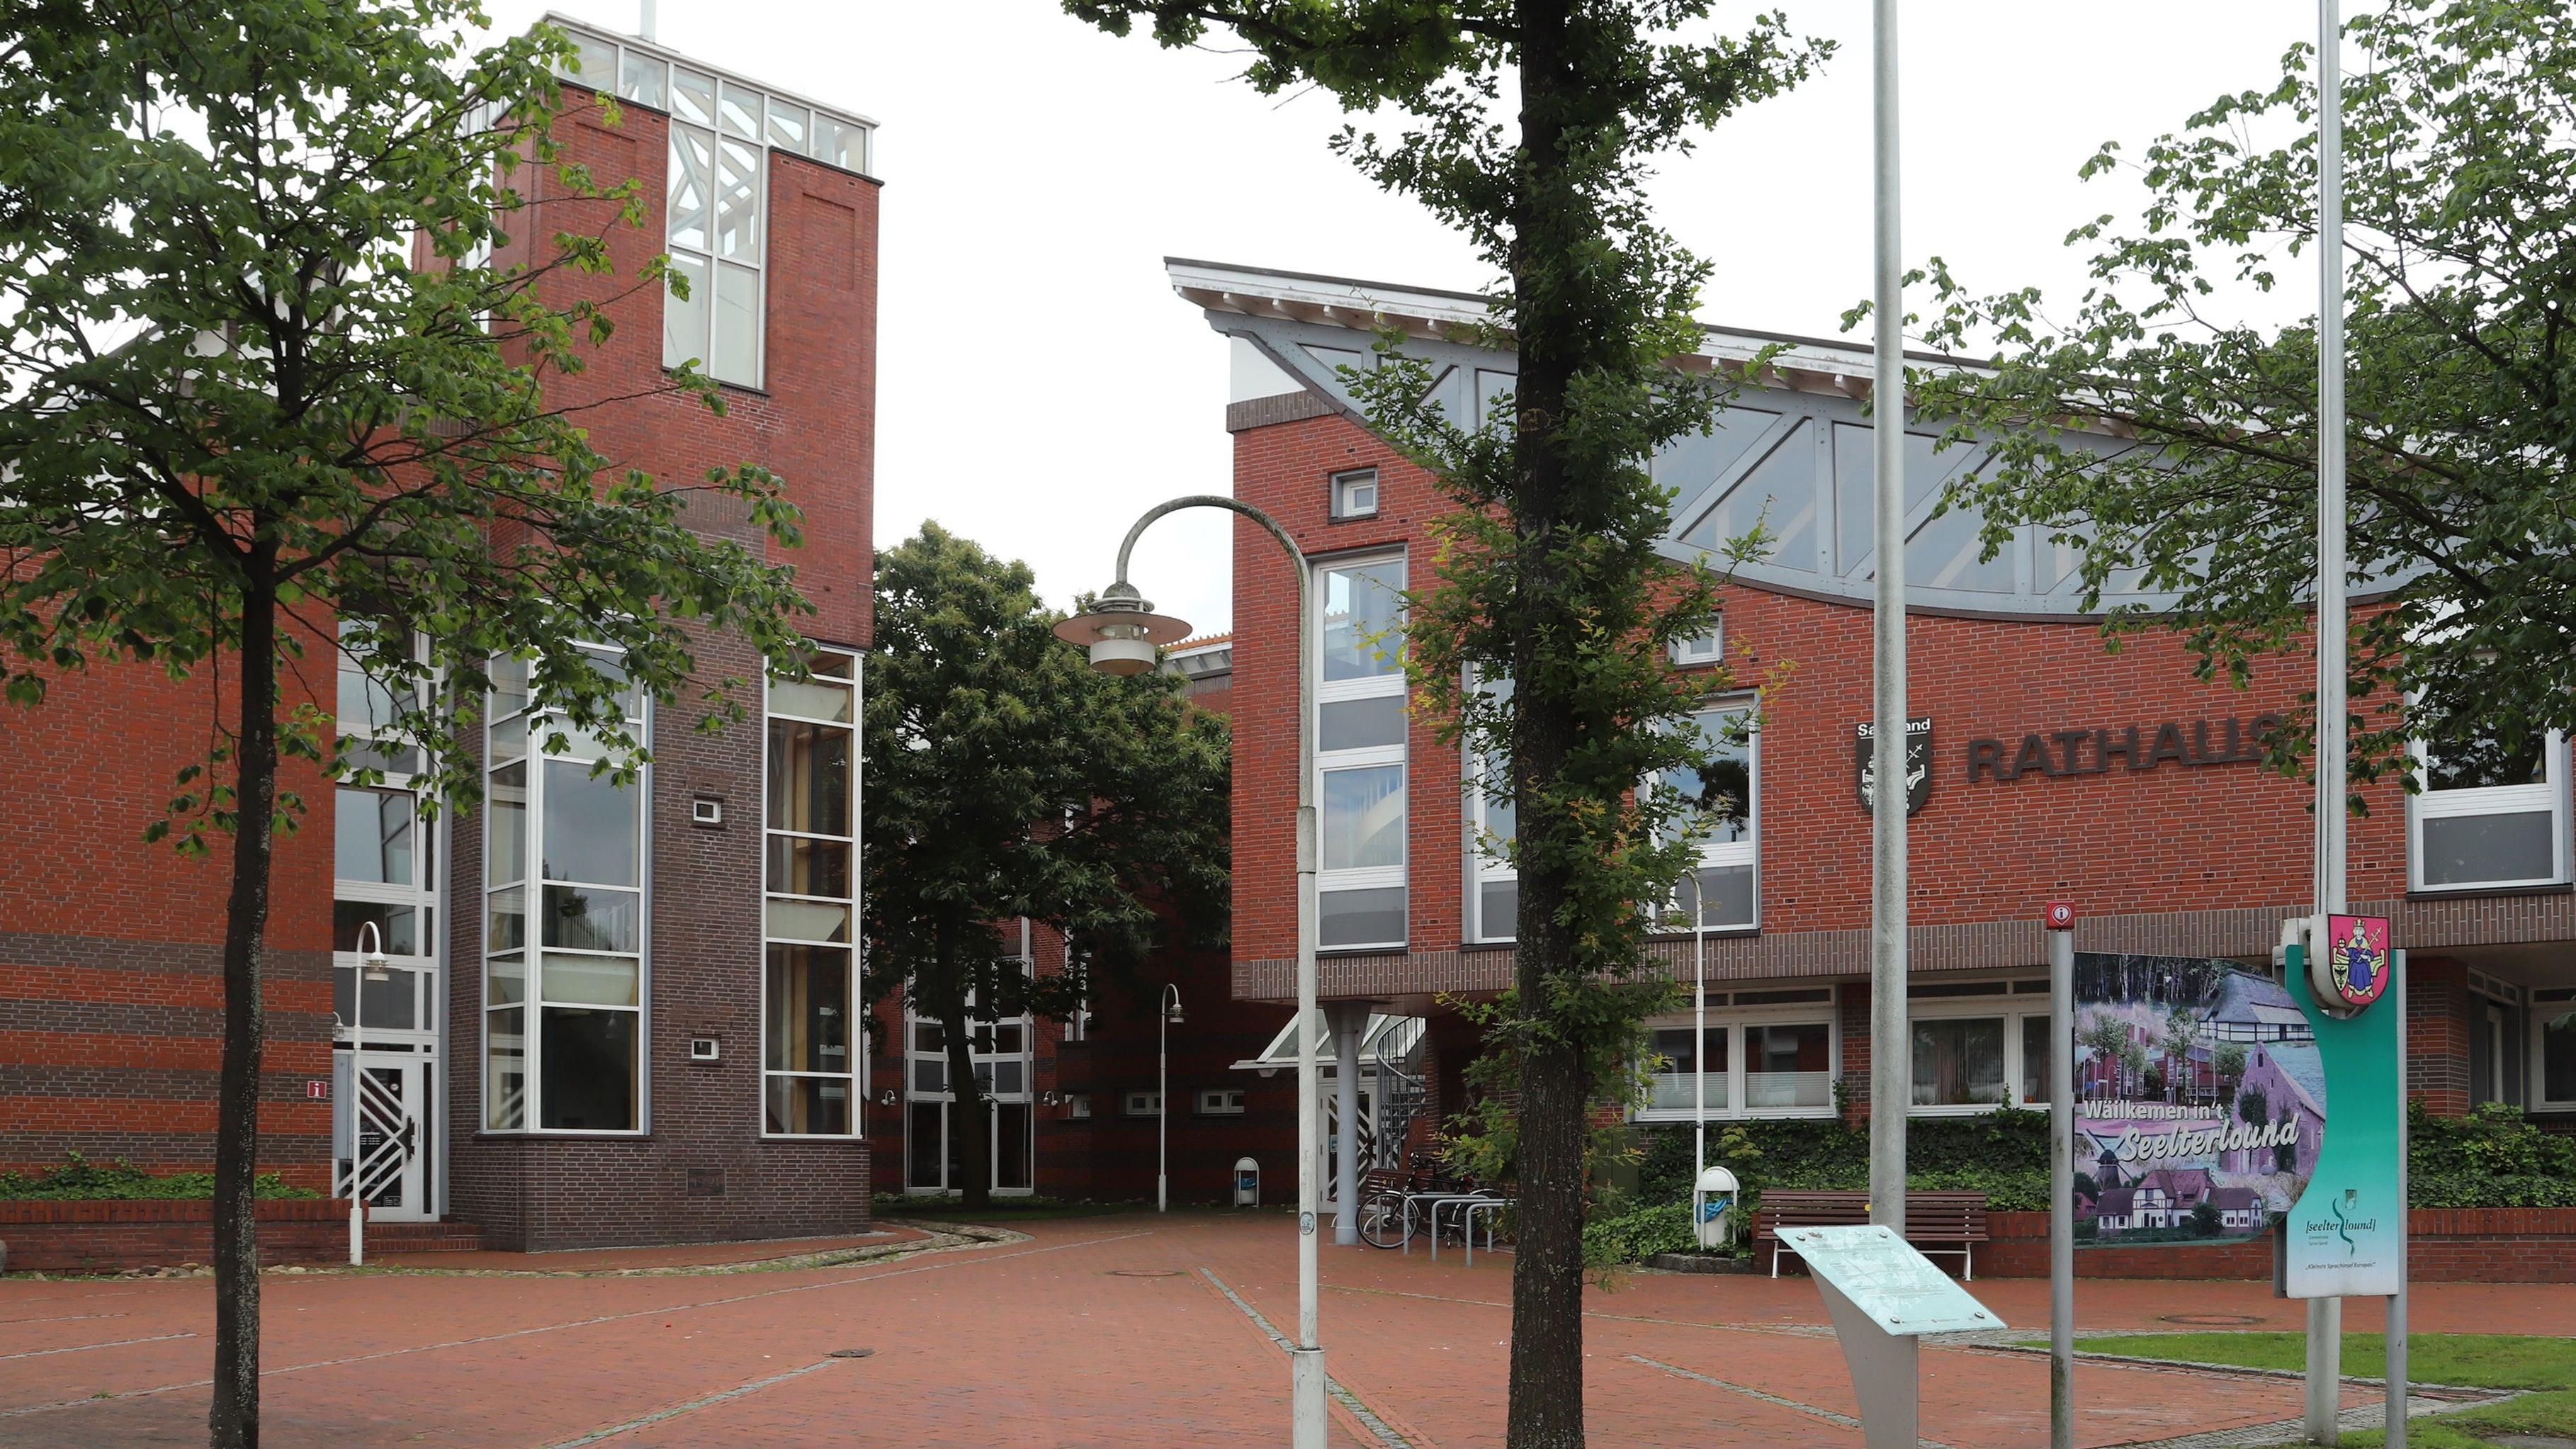 Bunter Gemeinderat: Im Rat der Gemeinde Saterland sind künftig 6 Parteien vertreten. Foto: Passmann